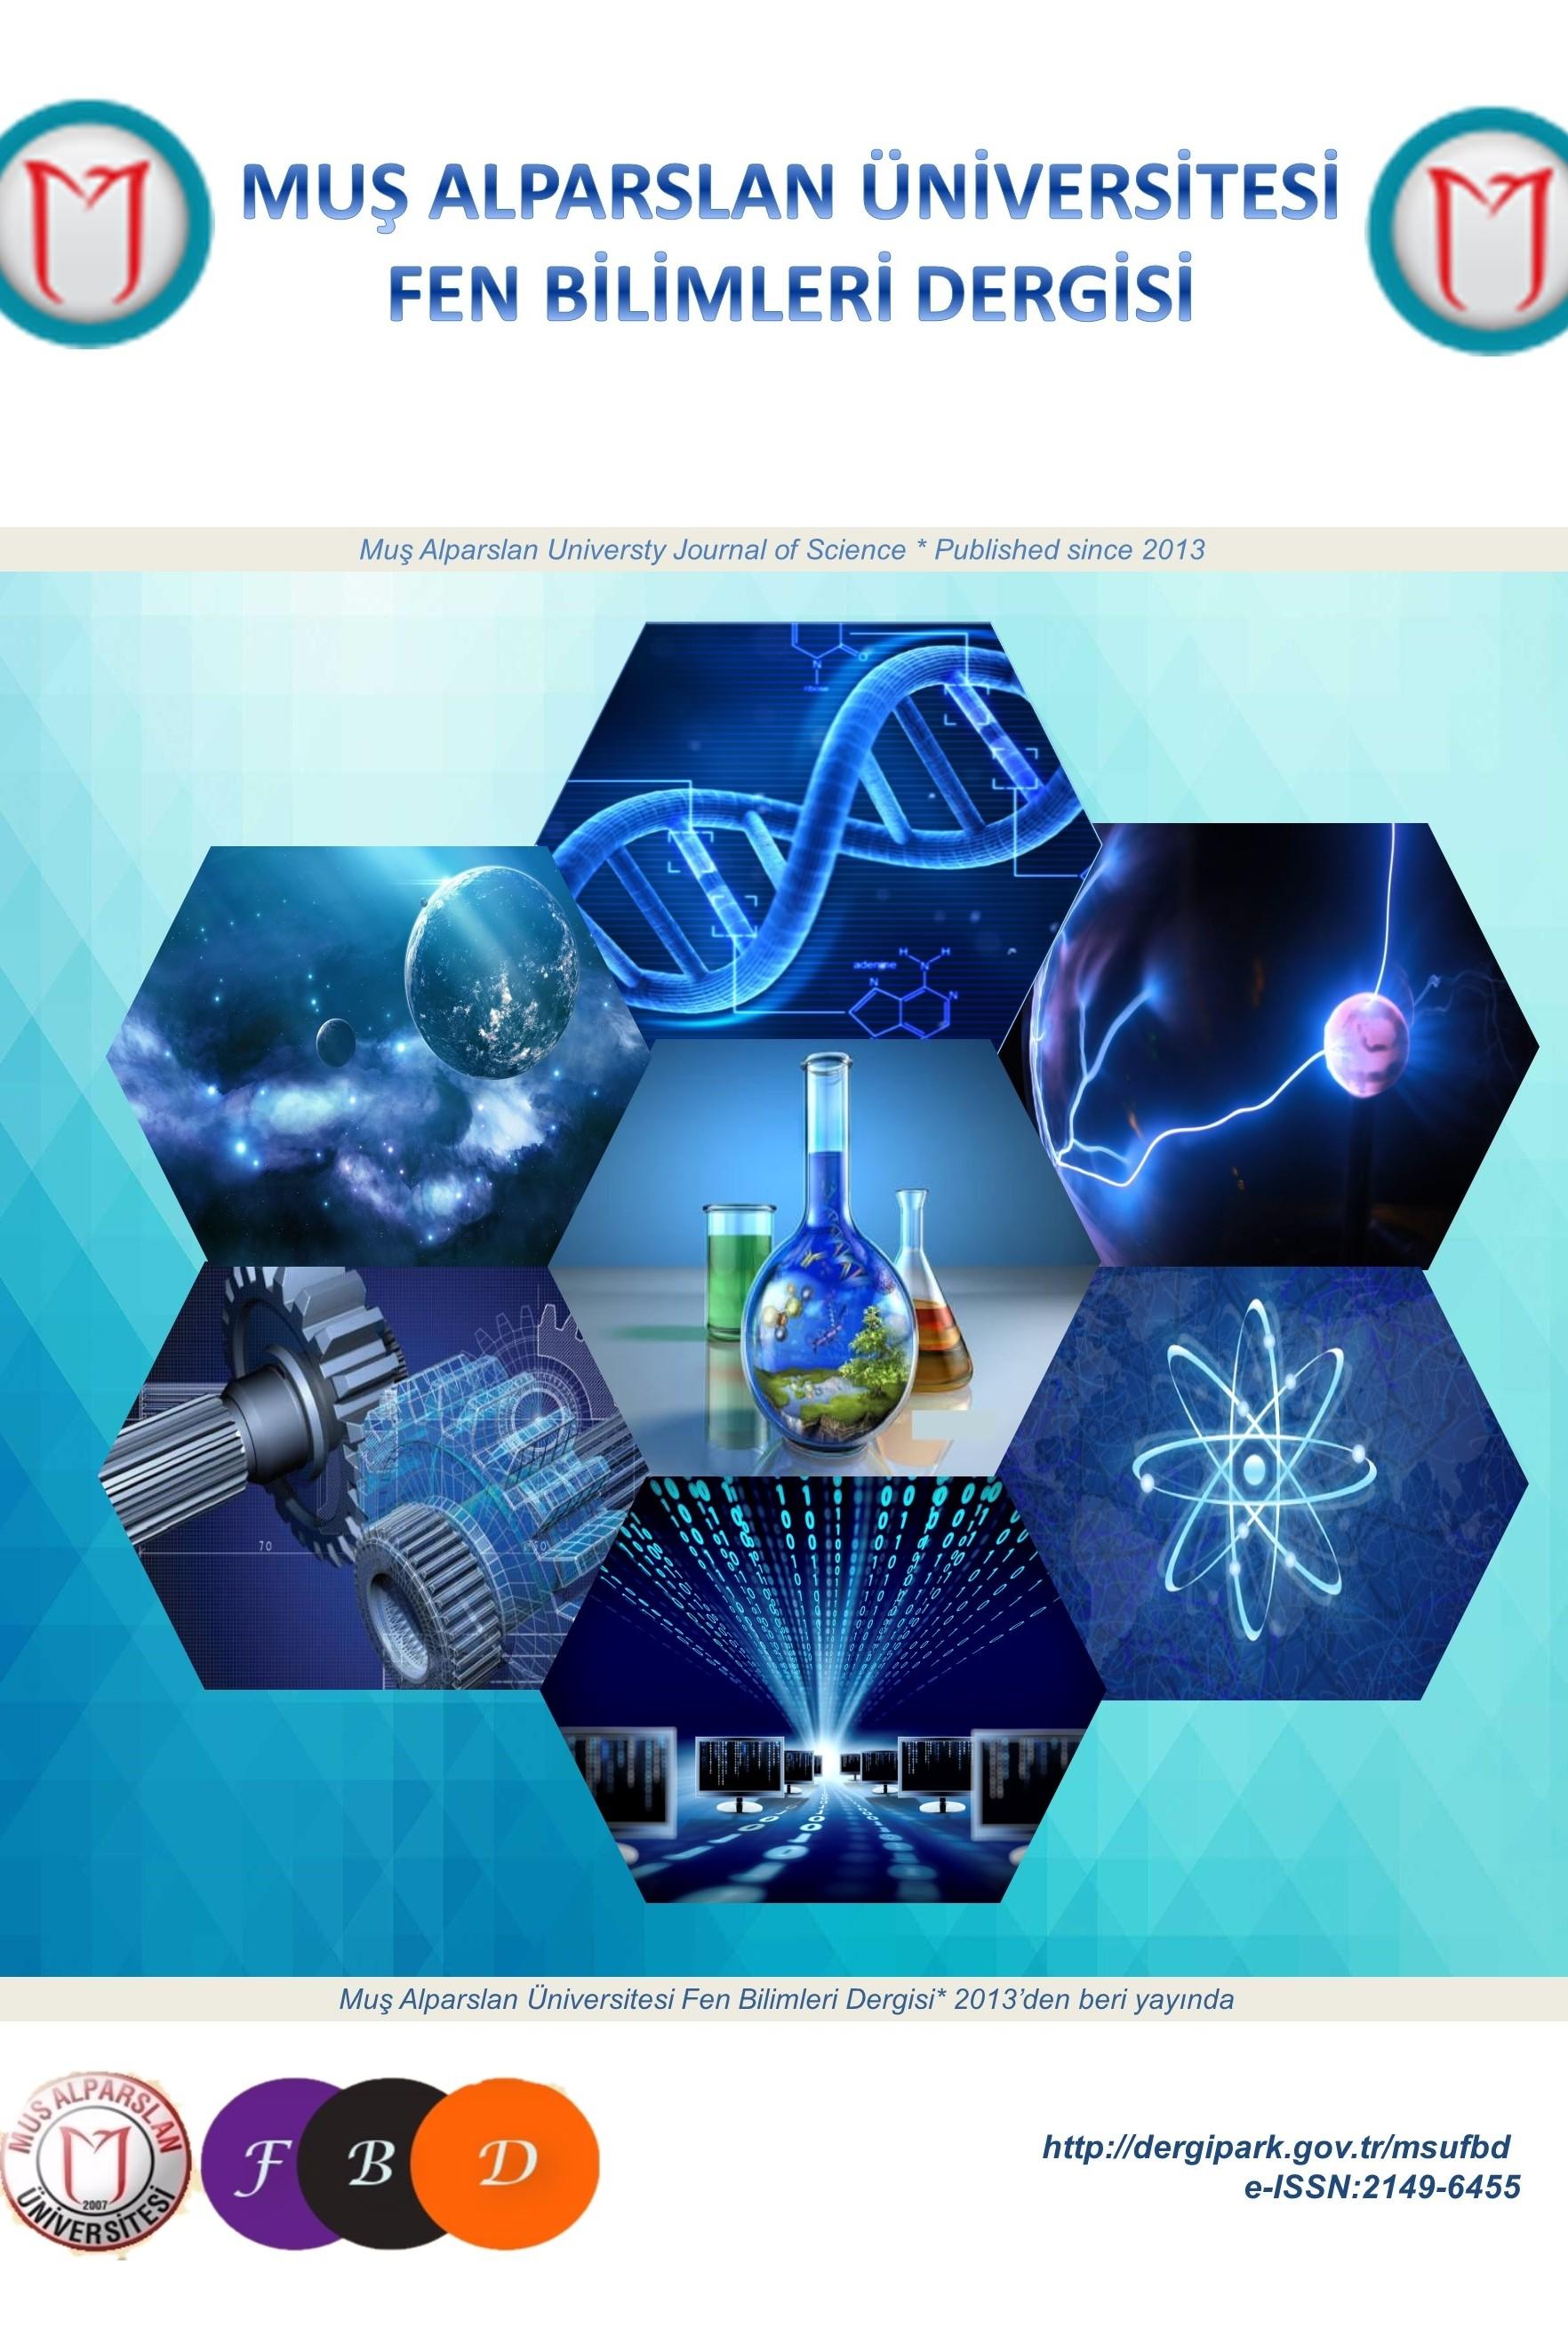 Muş Alparslan Üniversitesi Fen Bilimleri Dergisi